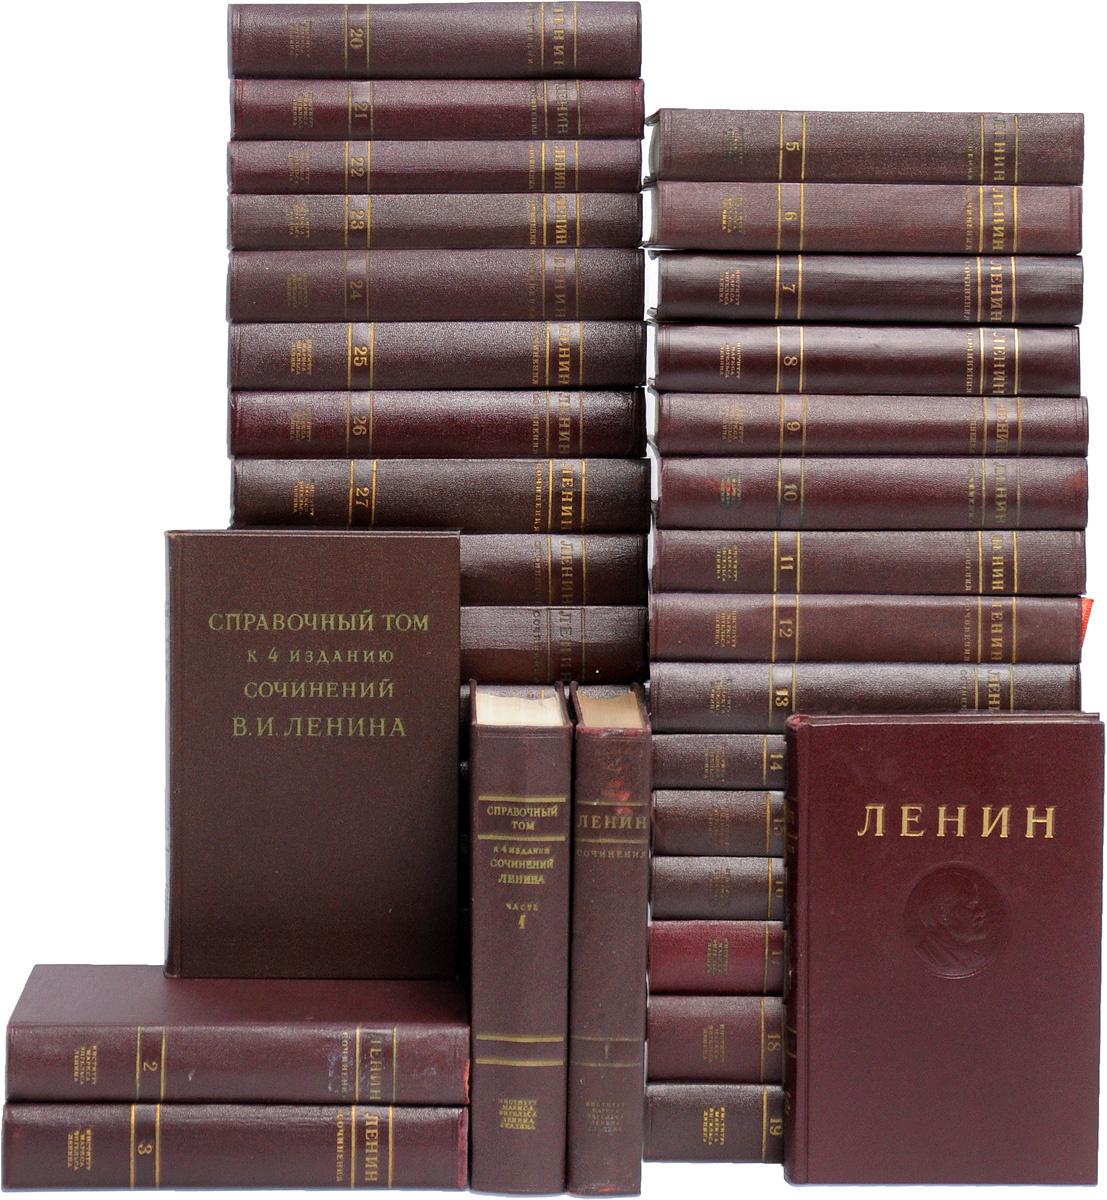 В. И. Ленин. Сочинения в 35 томах + 2 справочных тома (комплект из 37 книг) | Ленин Владимир Ильич  #1